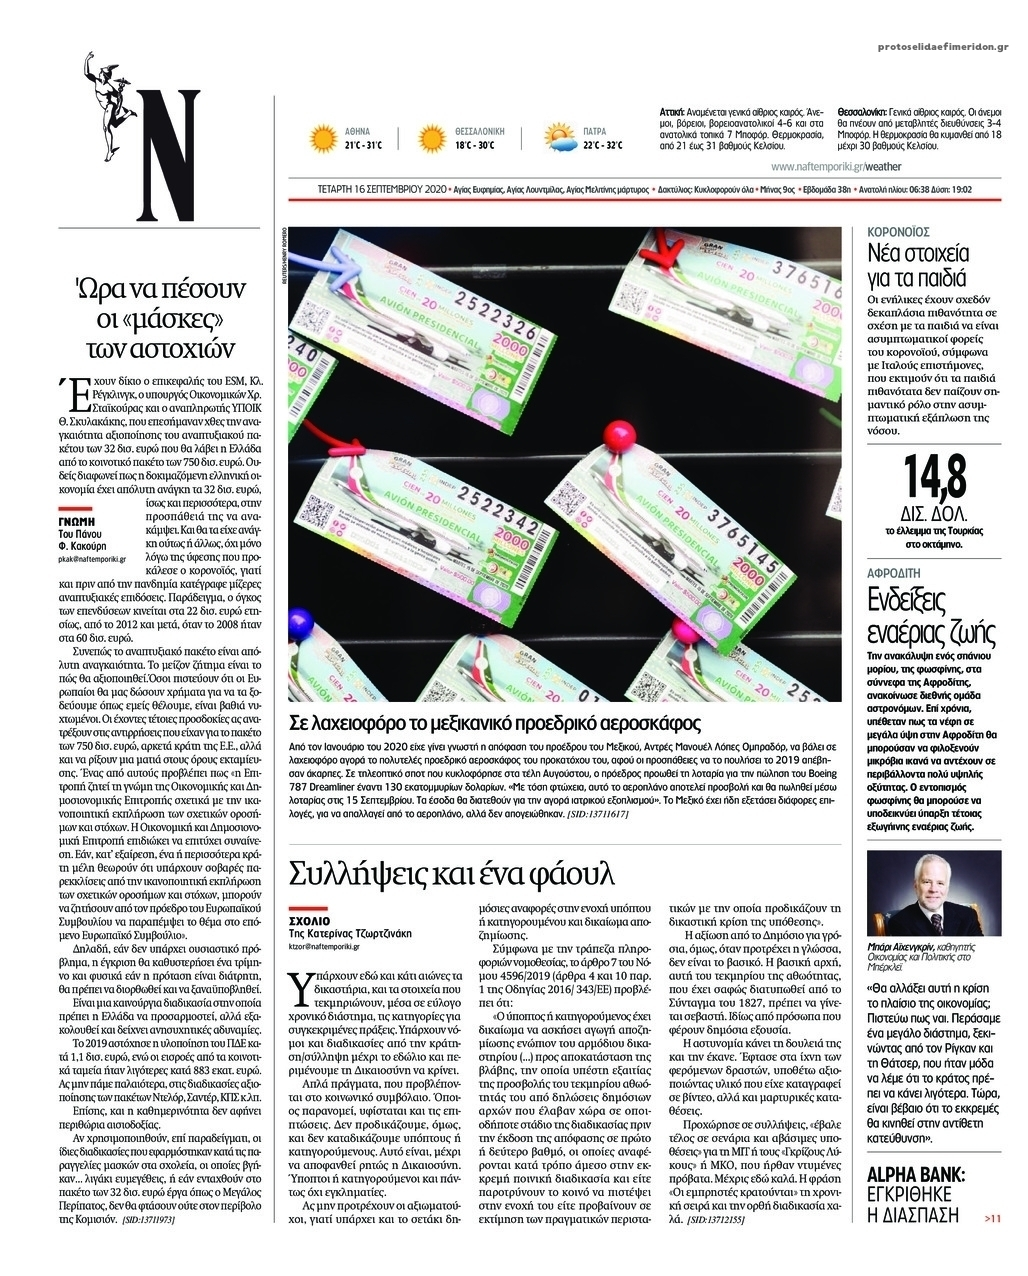 Οπισθόφυλλο εφημερίδας Ναυτεμπορική